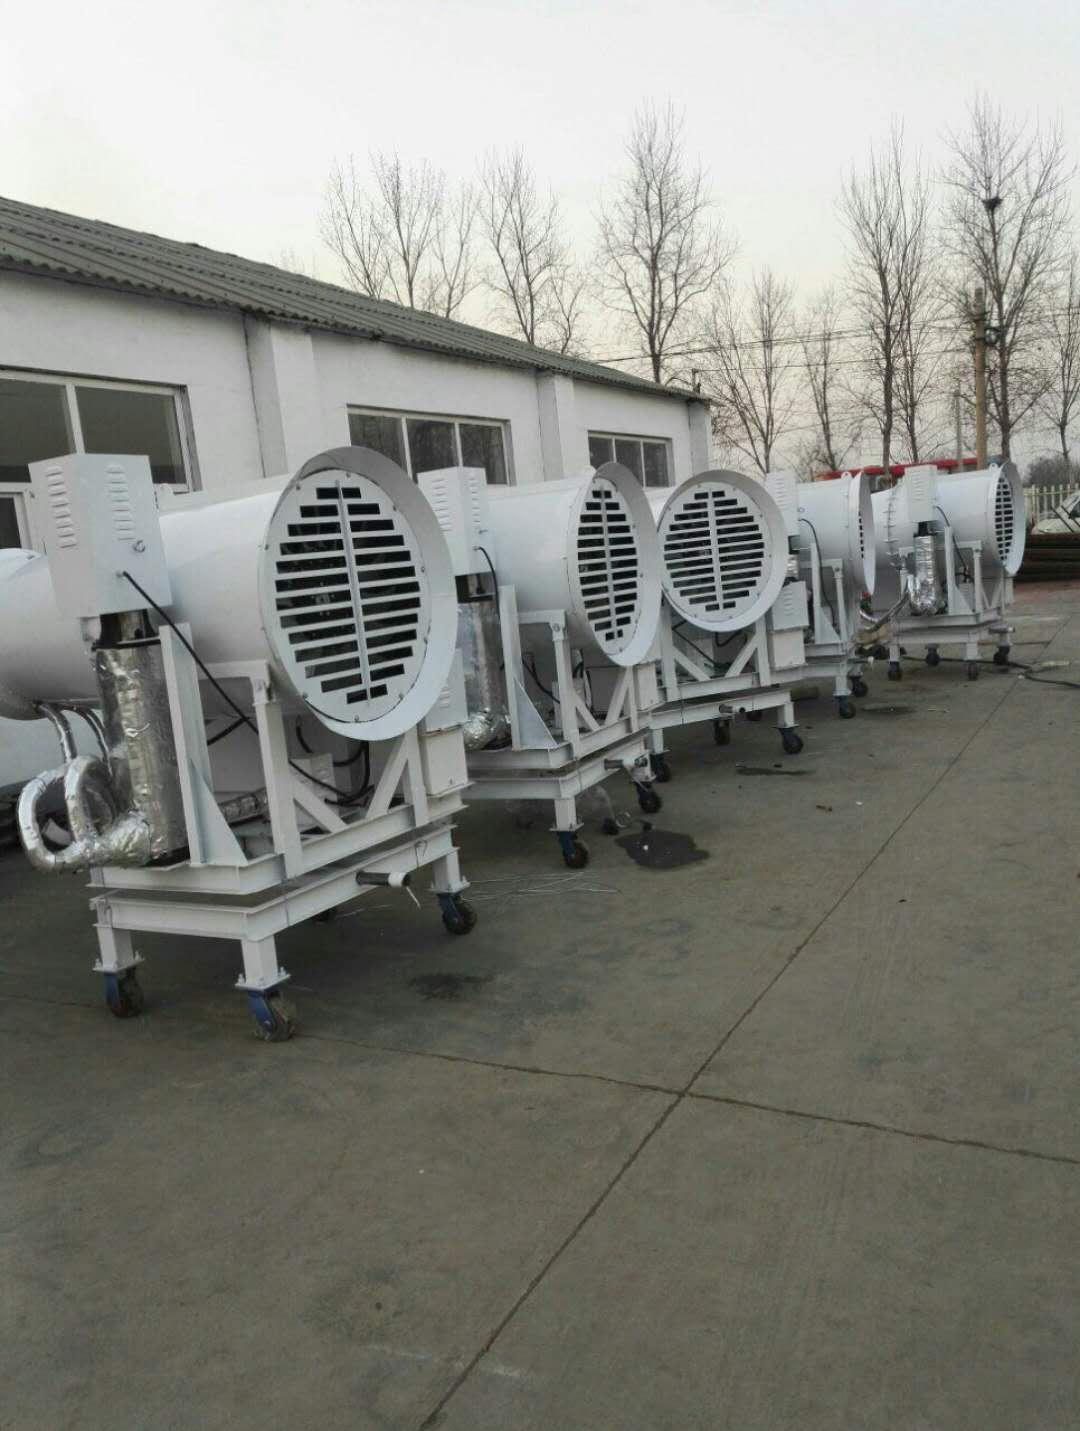 钢铁厂雾炮机 济南钢铁厂雾炮机设备 厂家直销一台也是批发价